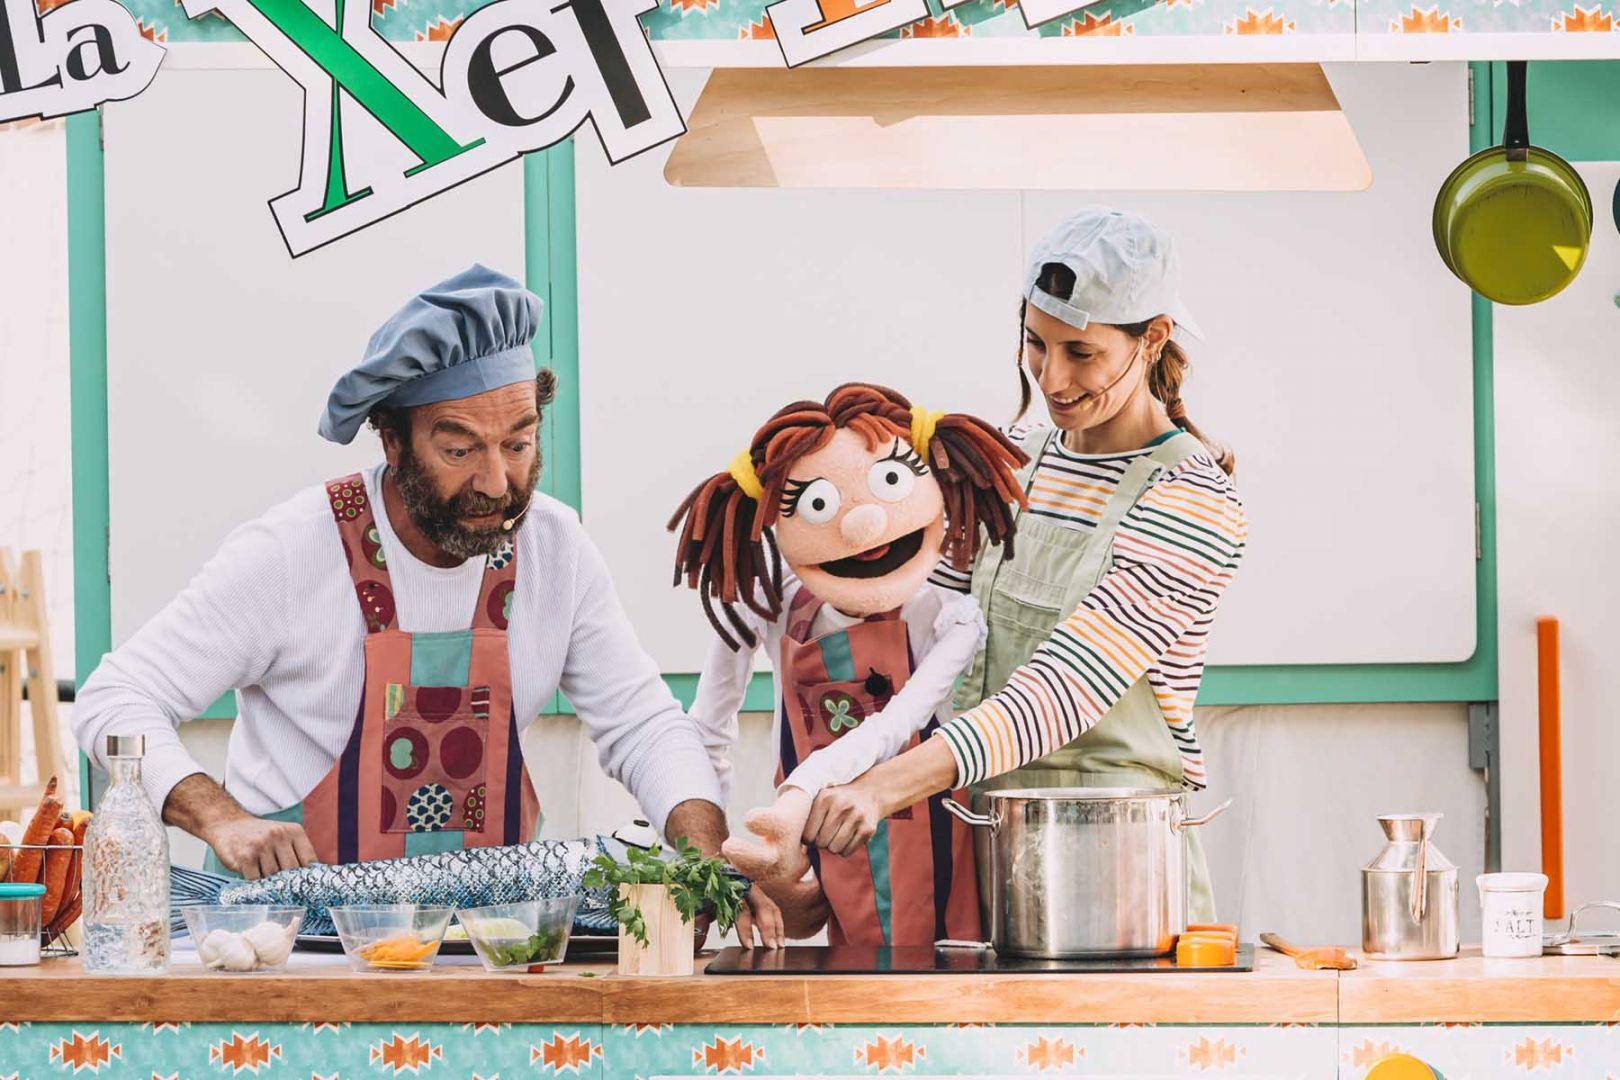 La Xef Pipa / La chef Pipa